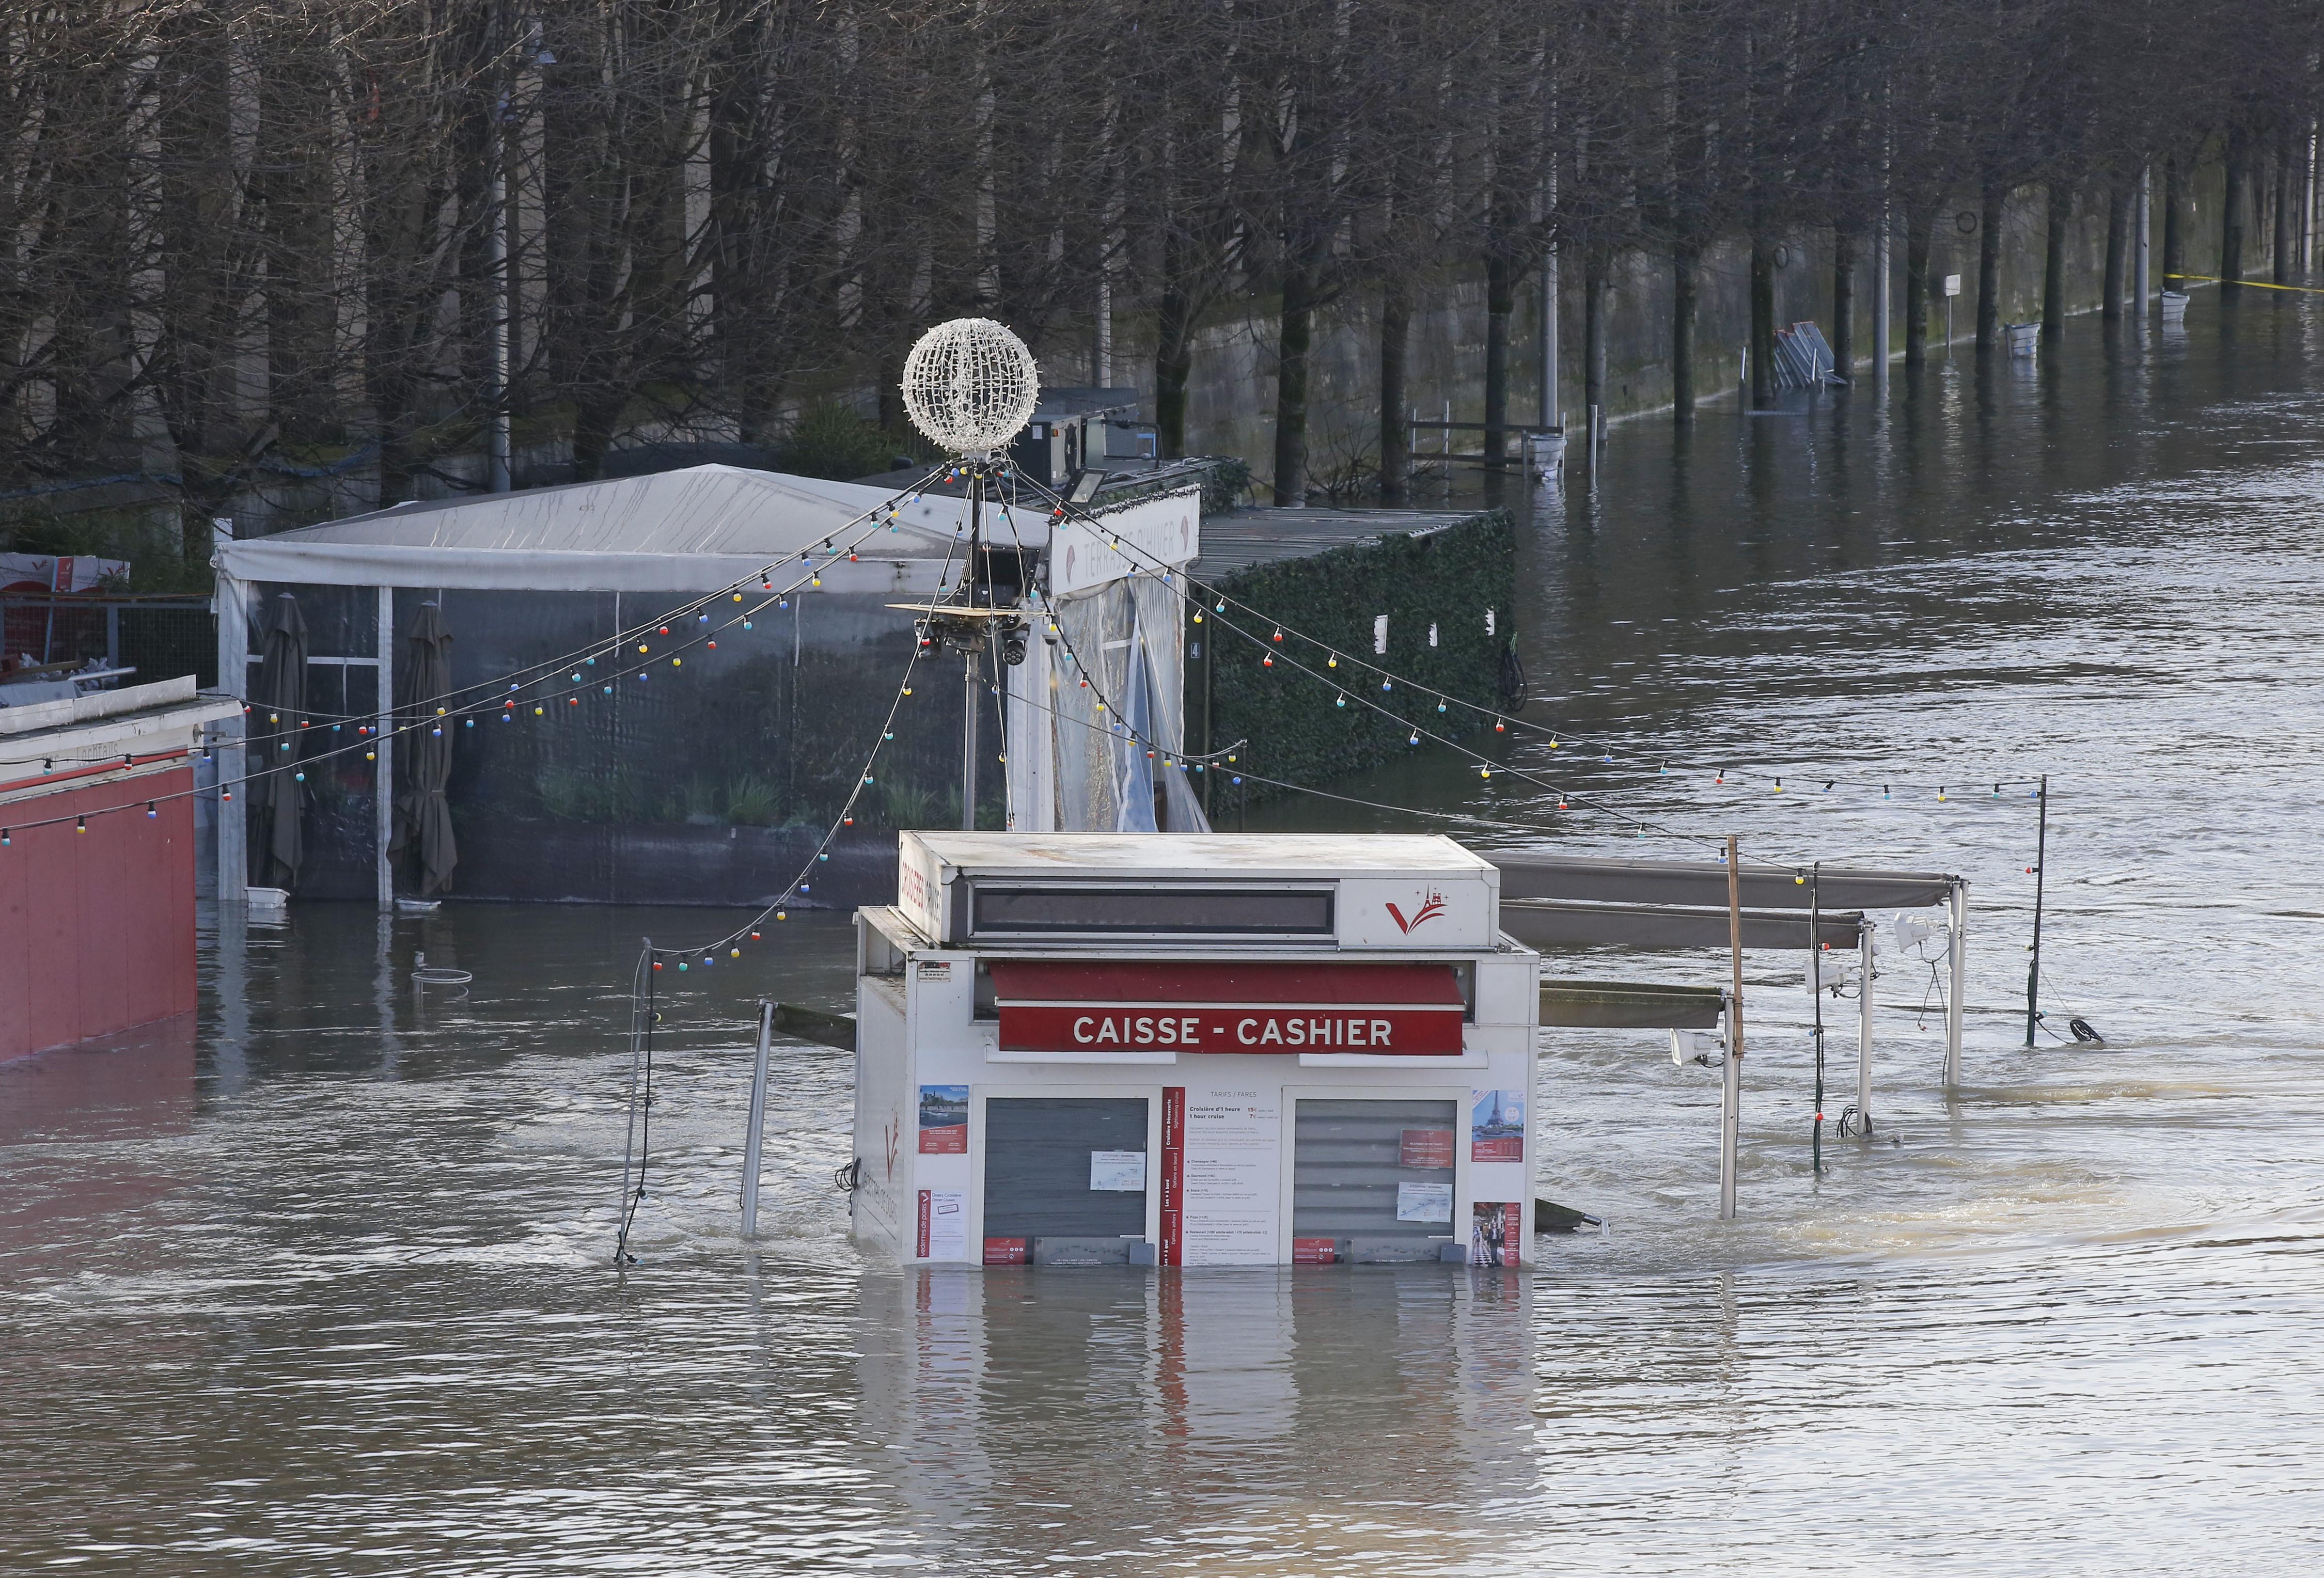 路邊的結帳櫃台已泡在水中。美聯社